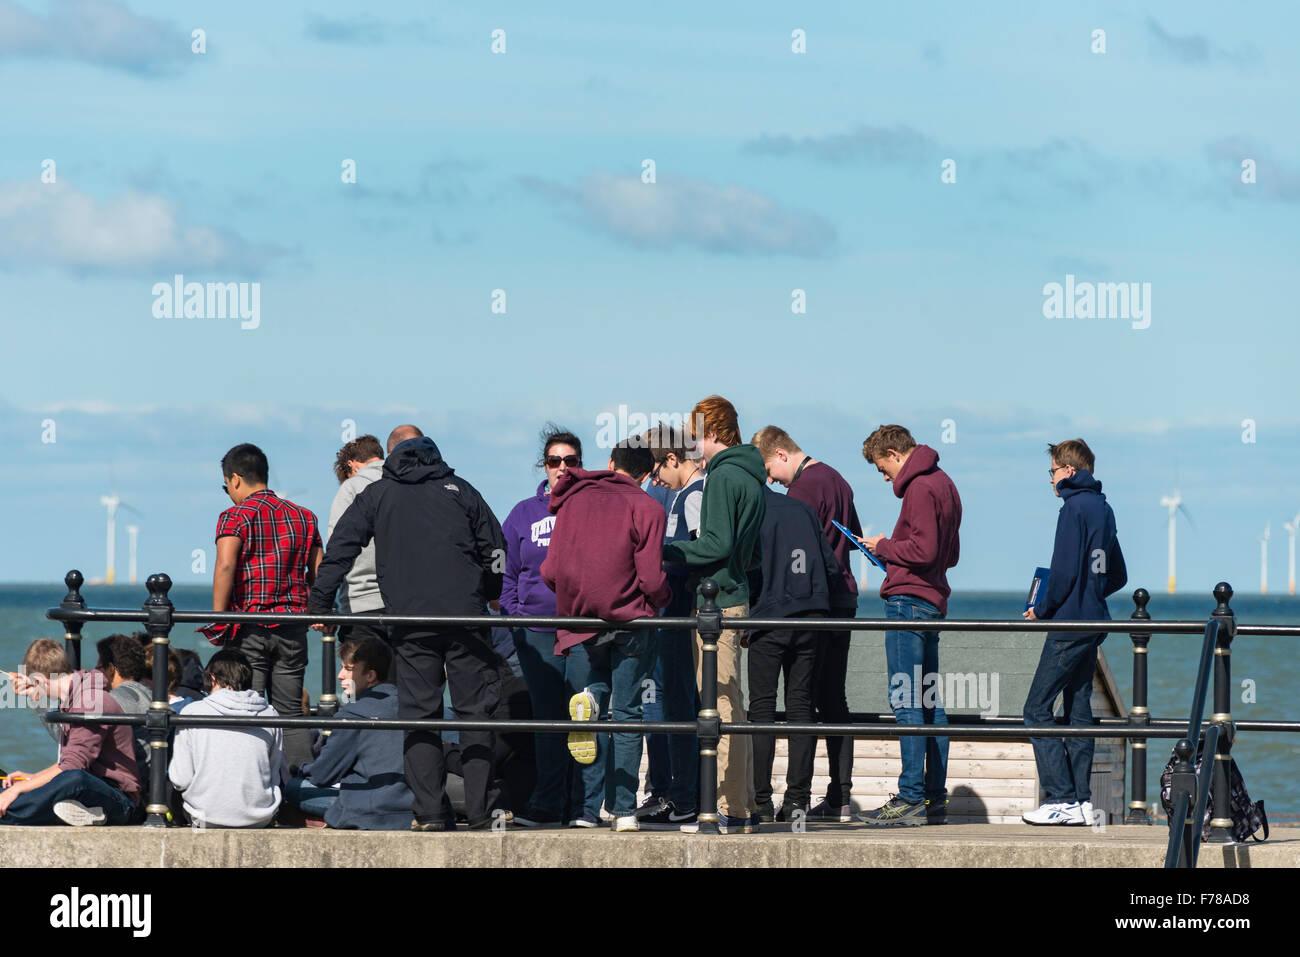 Studentengruppe auf Vorland studieren Reise, Herne Bay, Kent, England, Vereinigtes Königreich Stockbild